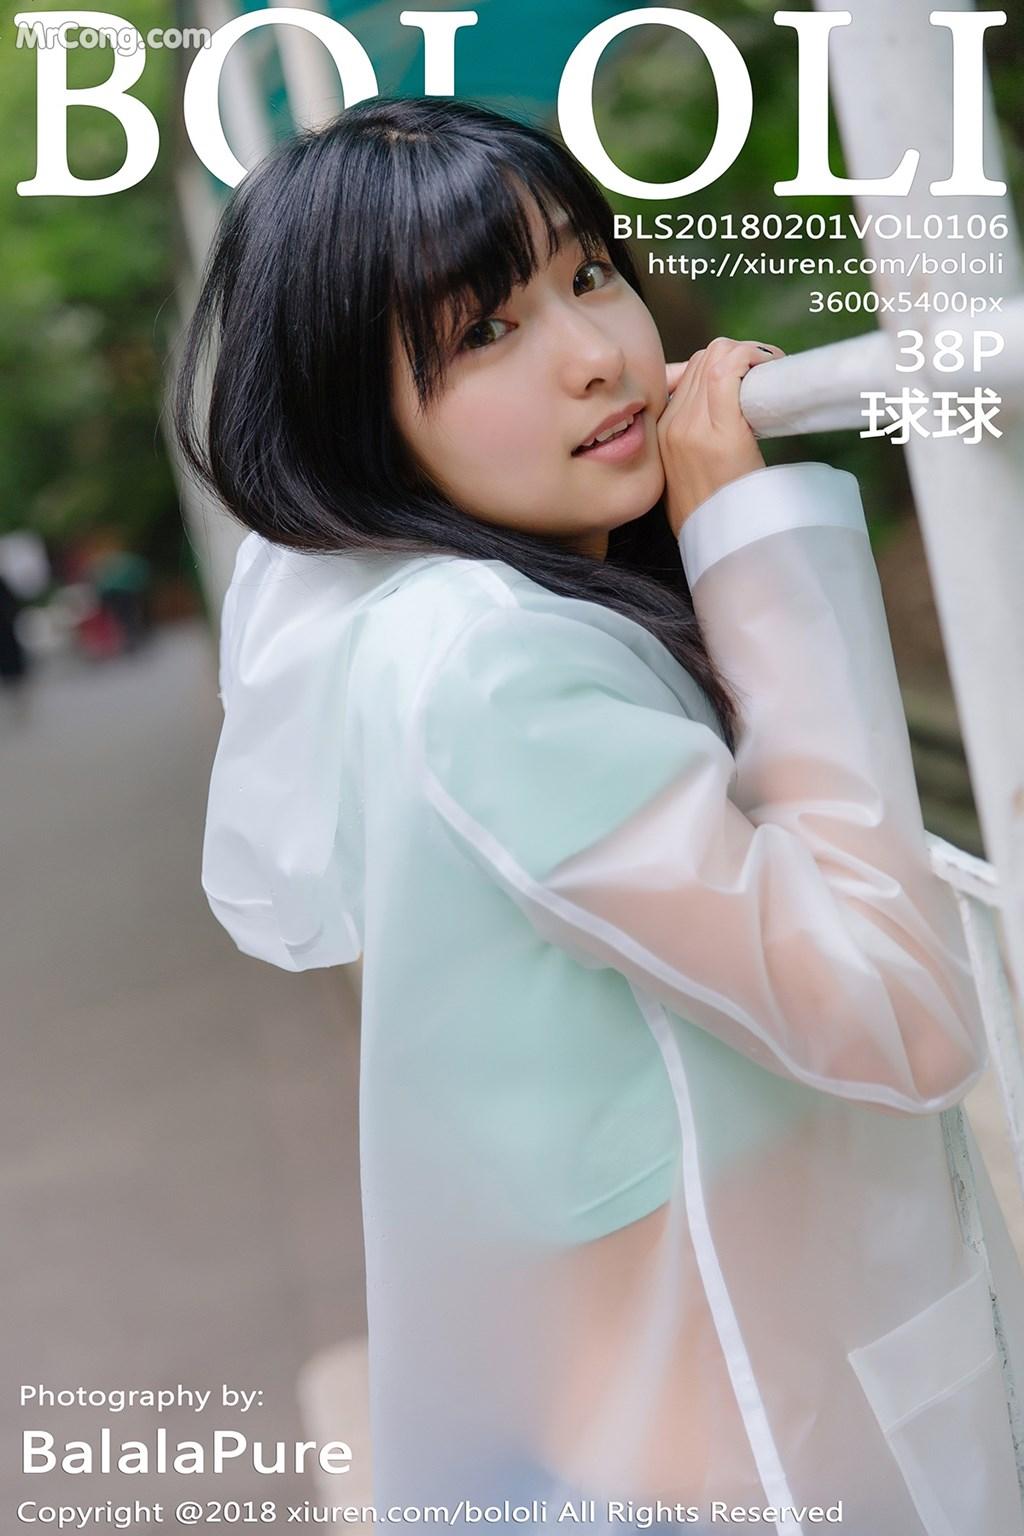 Tukmo Vol.106: Người mẫu Qiu Qiu (球球) (39 ảnh)